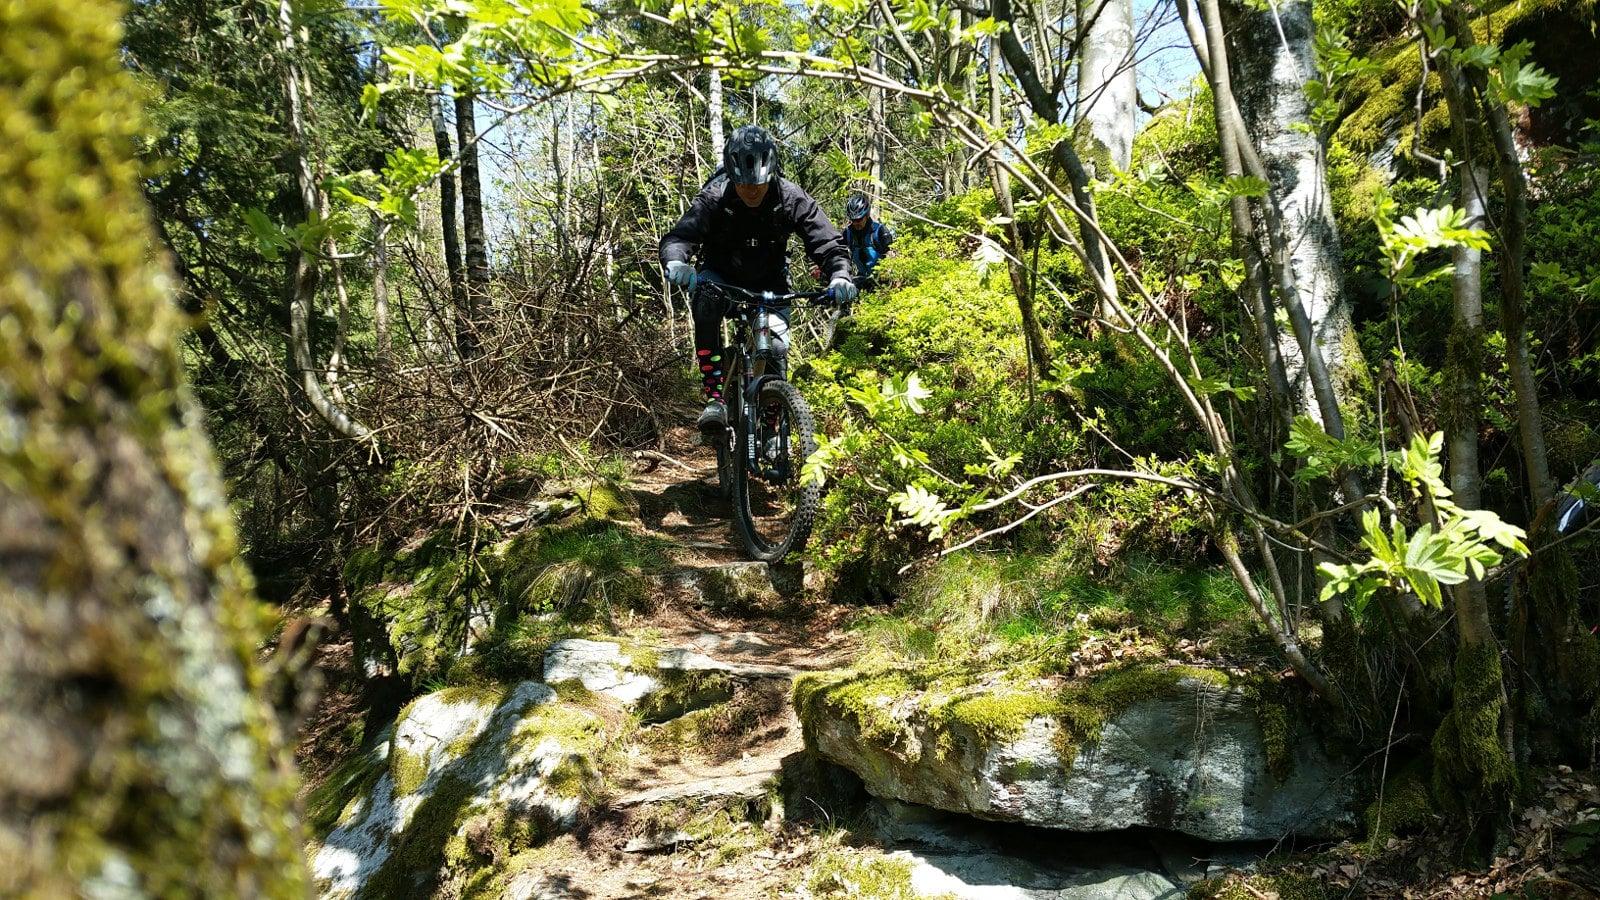 stabile Bikebeherschung in allen Lagen